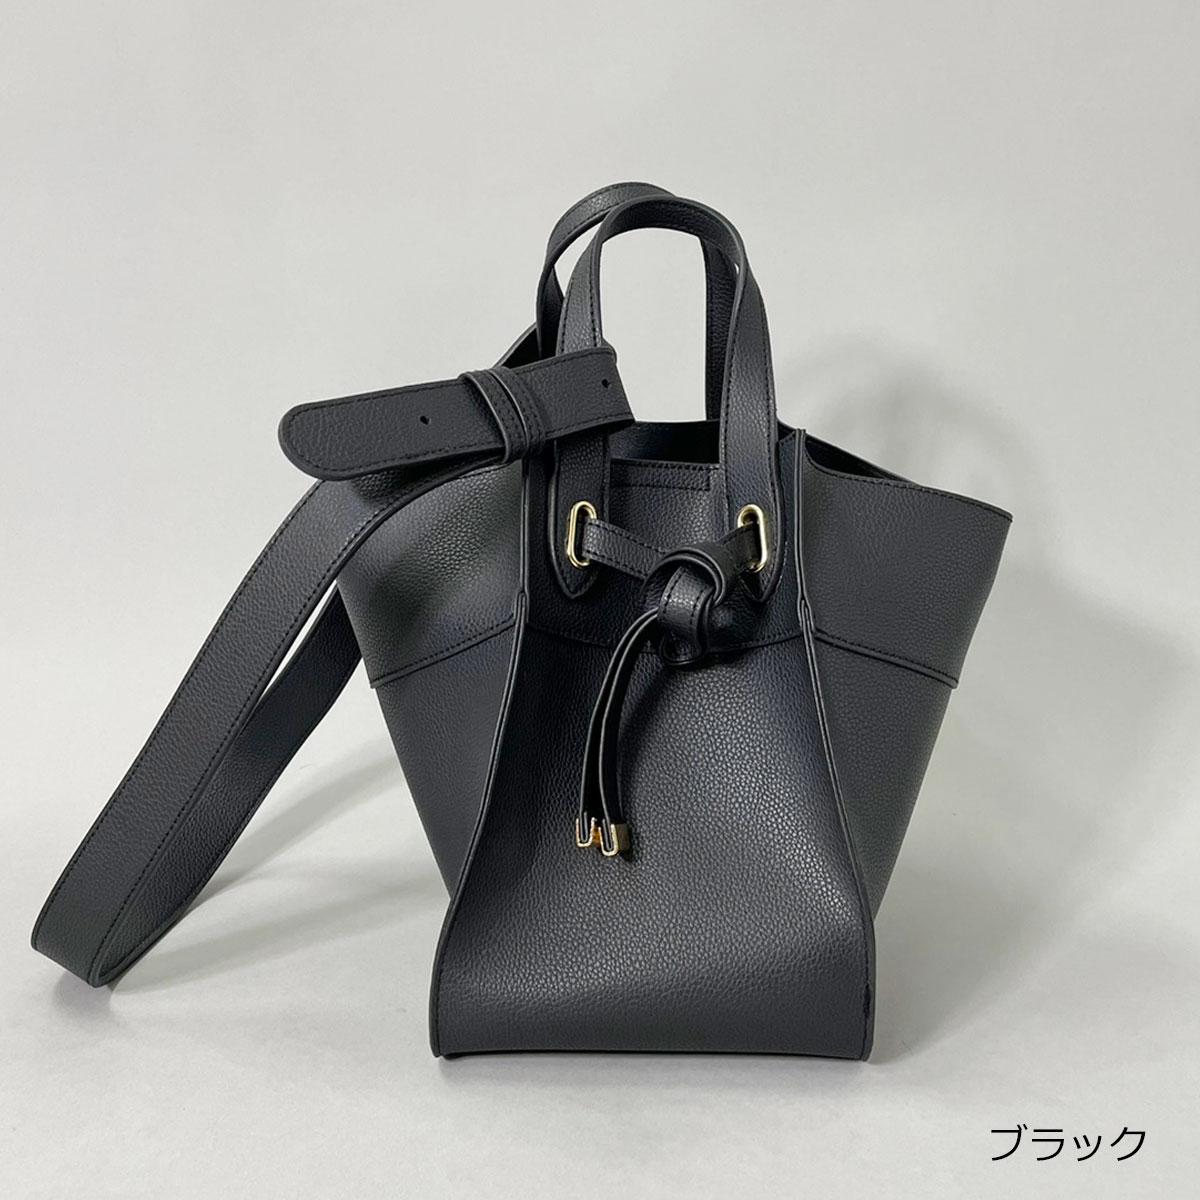 【6/10再入荷】マルチWAYバッグ